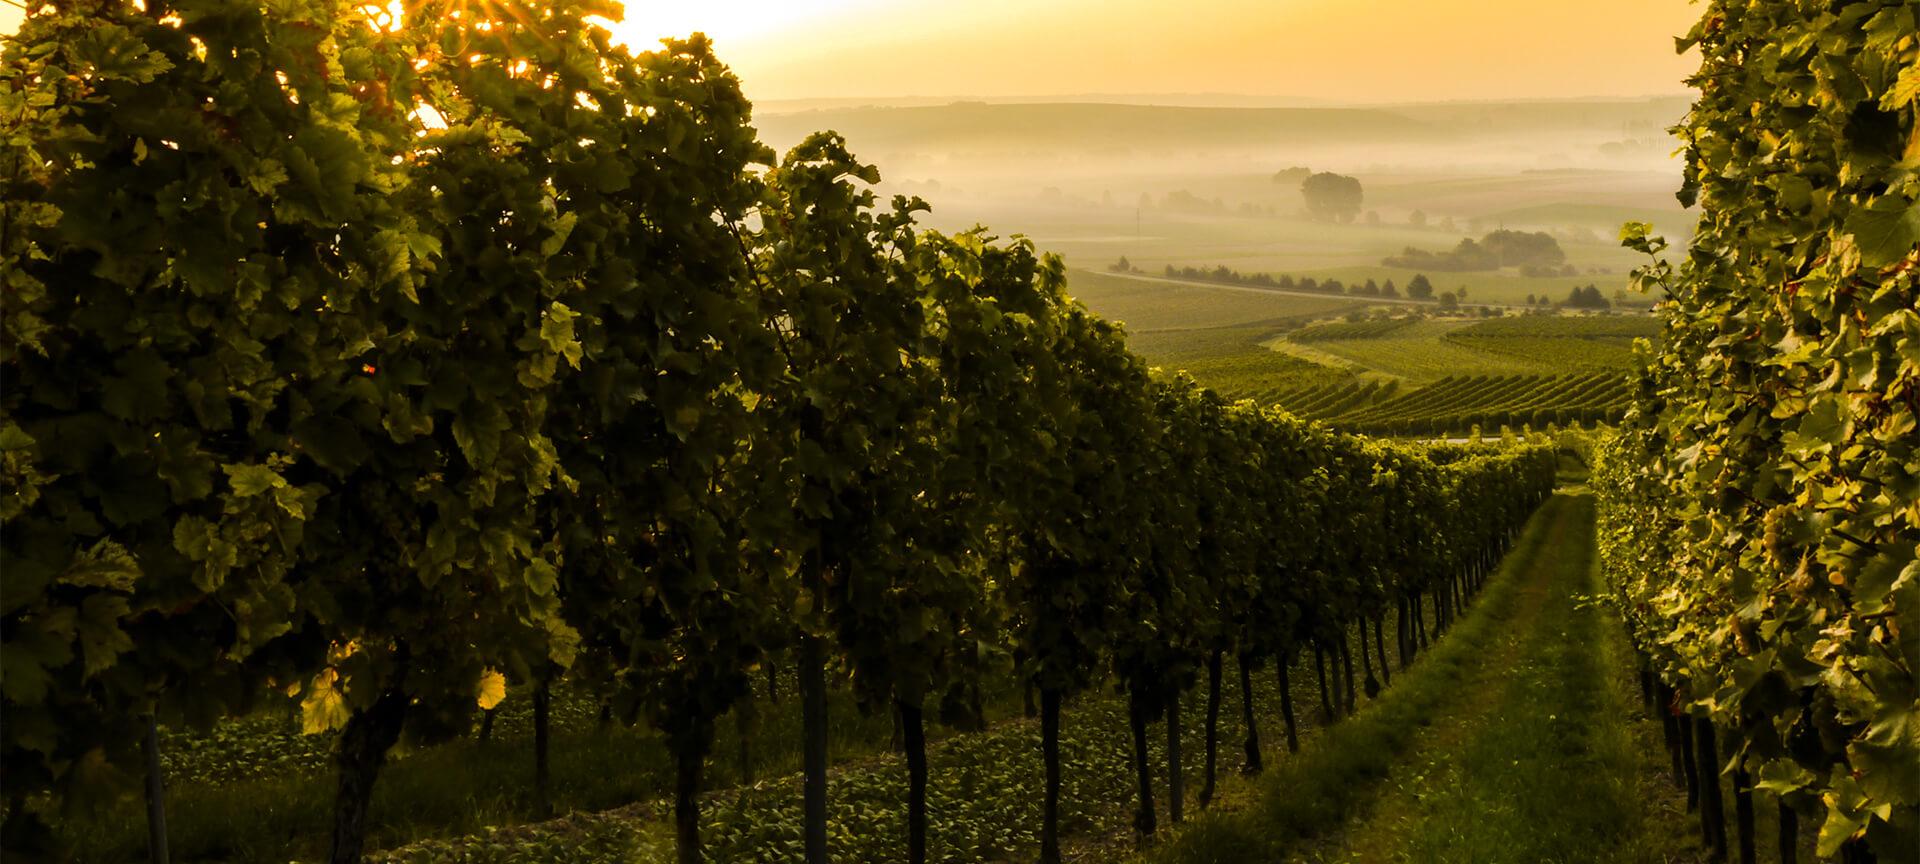 La Vallée du Rhône : 2ème vignoble d'AOC français